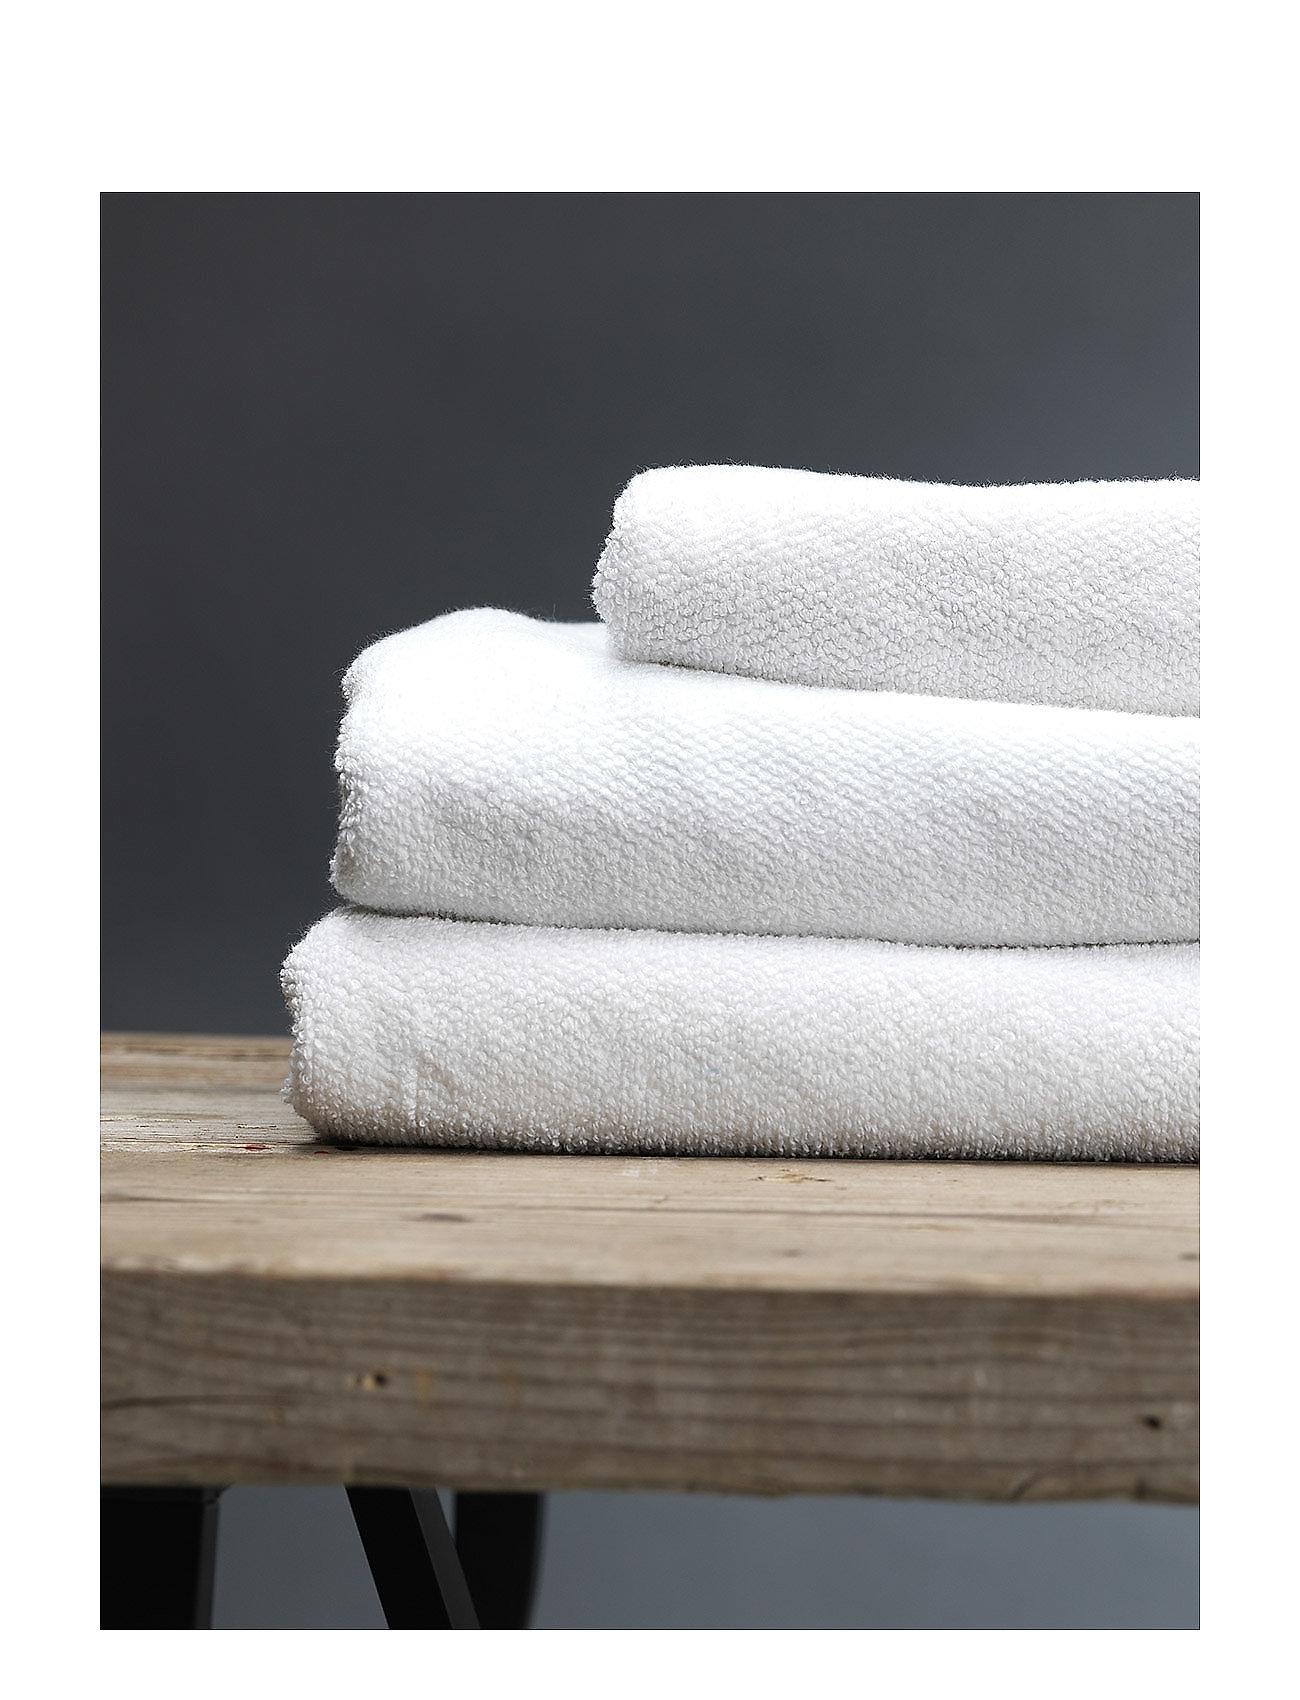 Gripsholm - BATH TOWEL COTTON LINEN - towels - white - 0